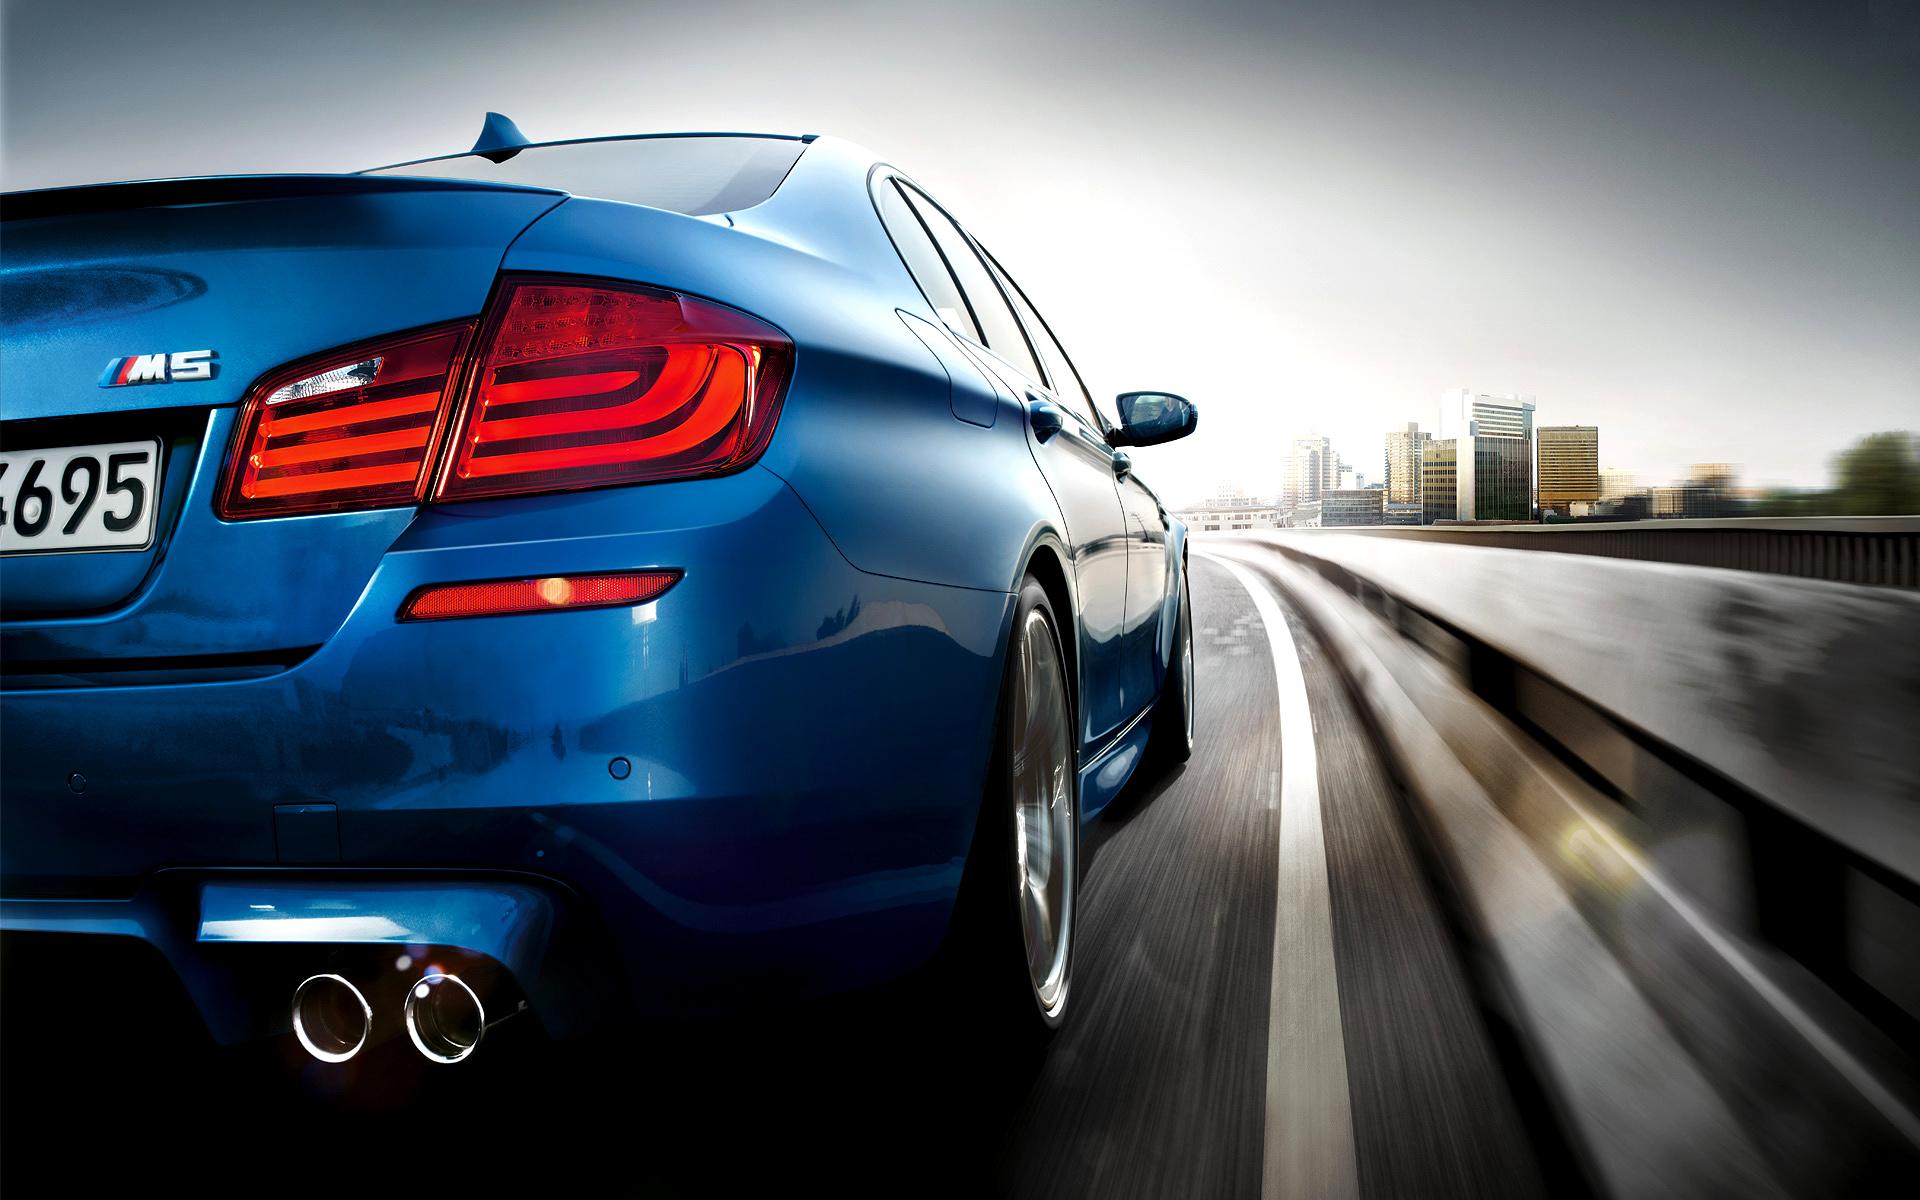 2012 BMW F10 M5 4 Wallpaper | HD Car Wallpapers | ID #2564